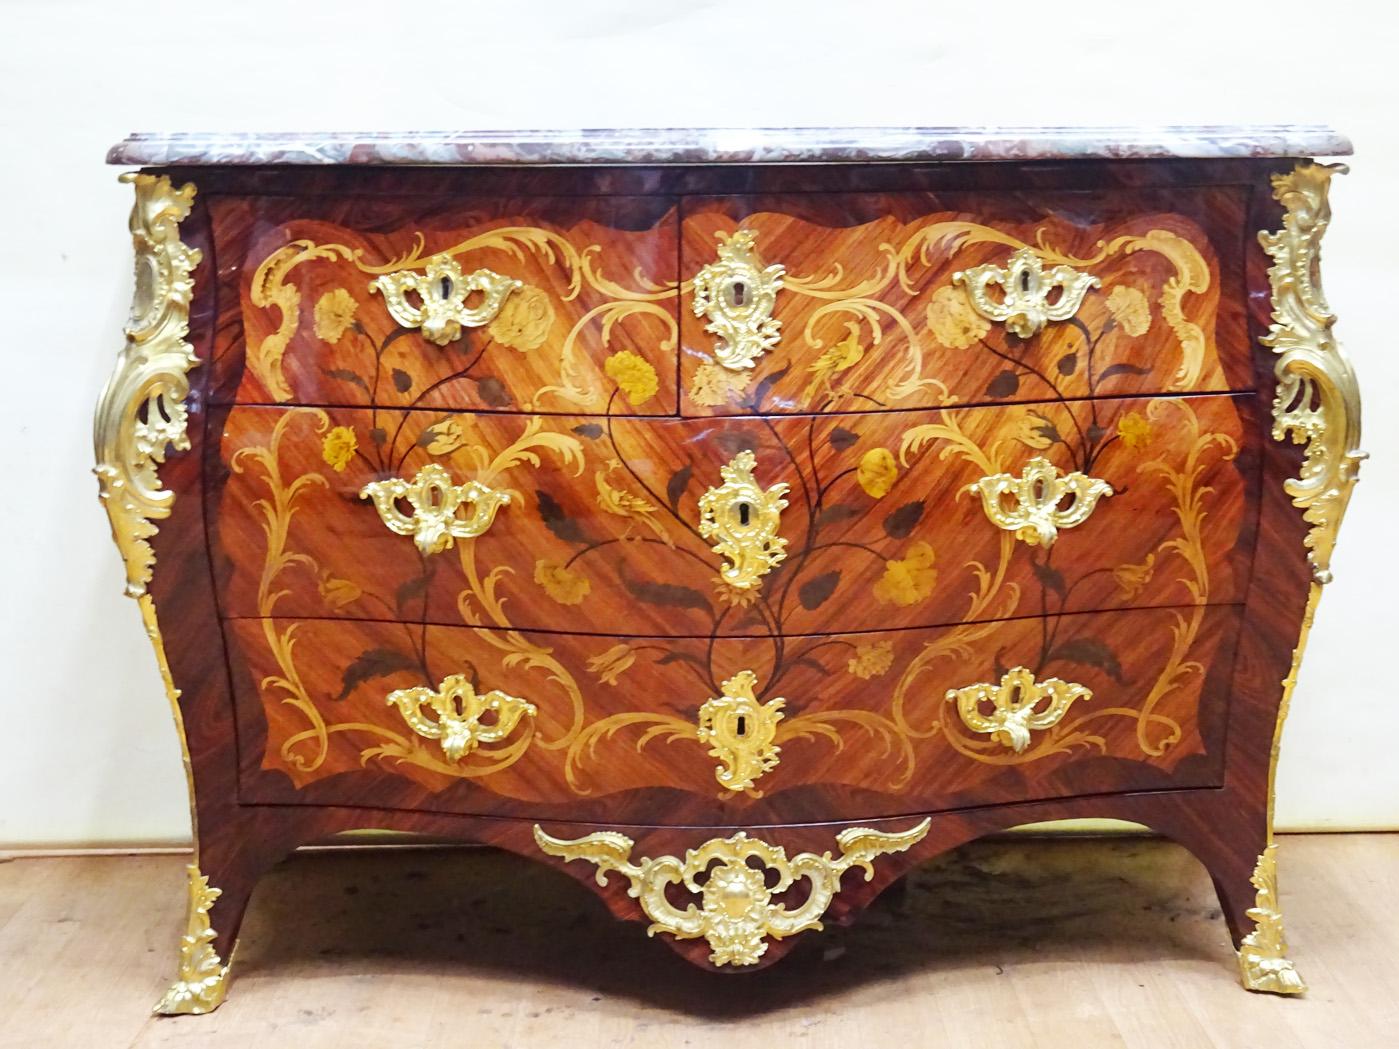 commode louis xvi de delorme 026 luc vaganay eb niste restaurateur de meubles anciens lyon. Black Bedroom Furniture Sets. Home Design Ideas